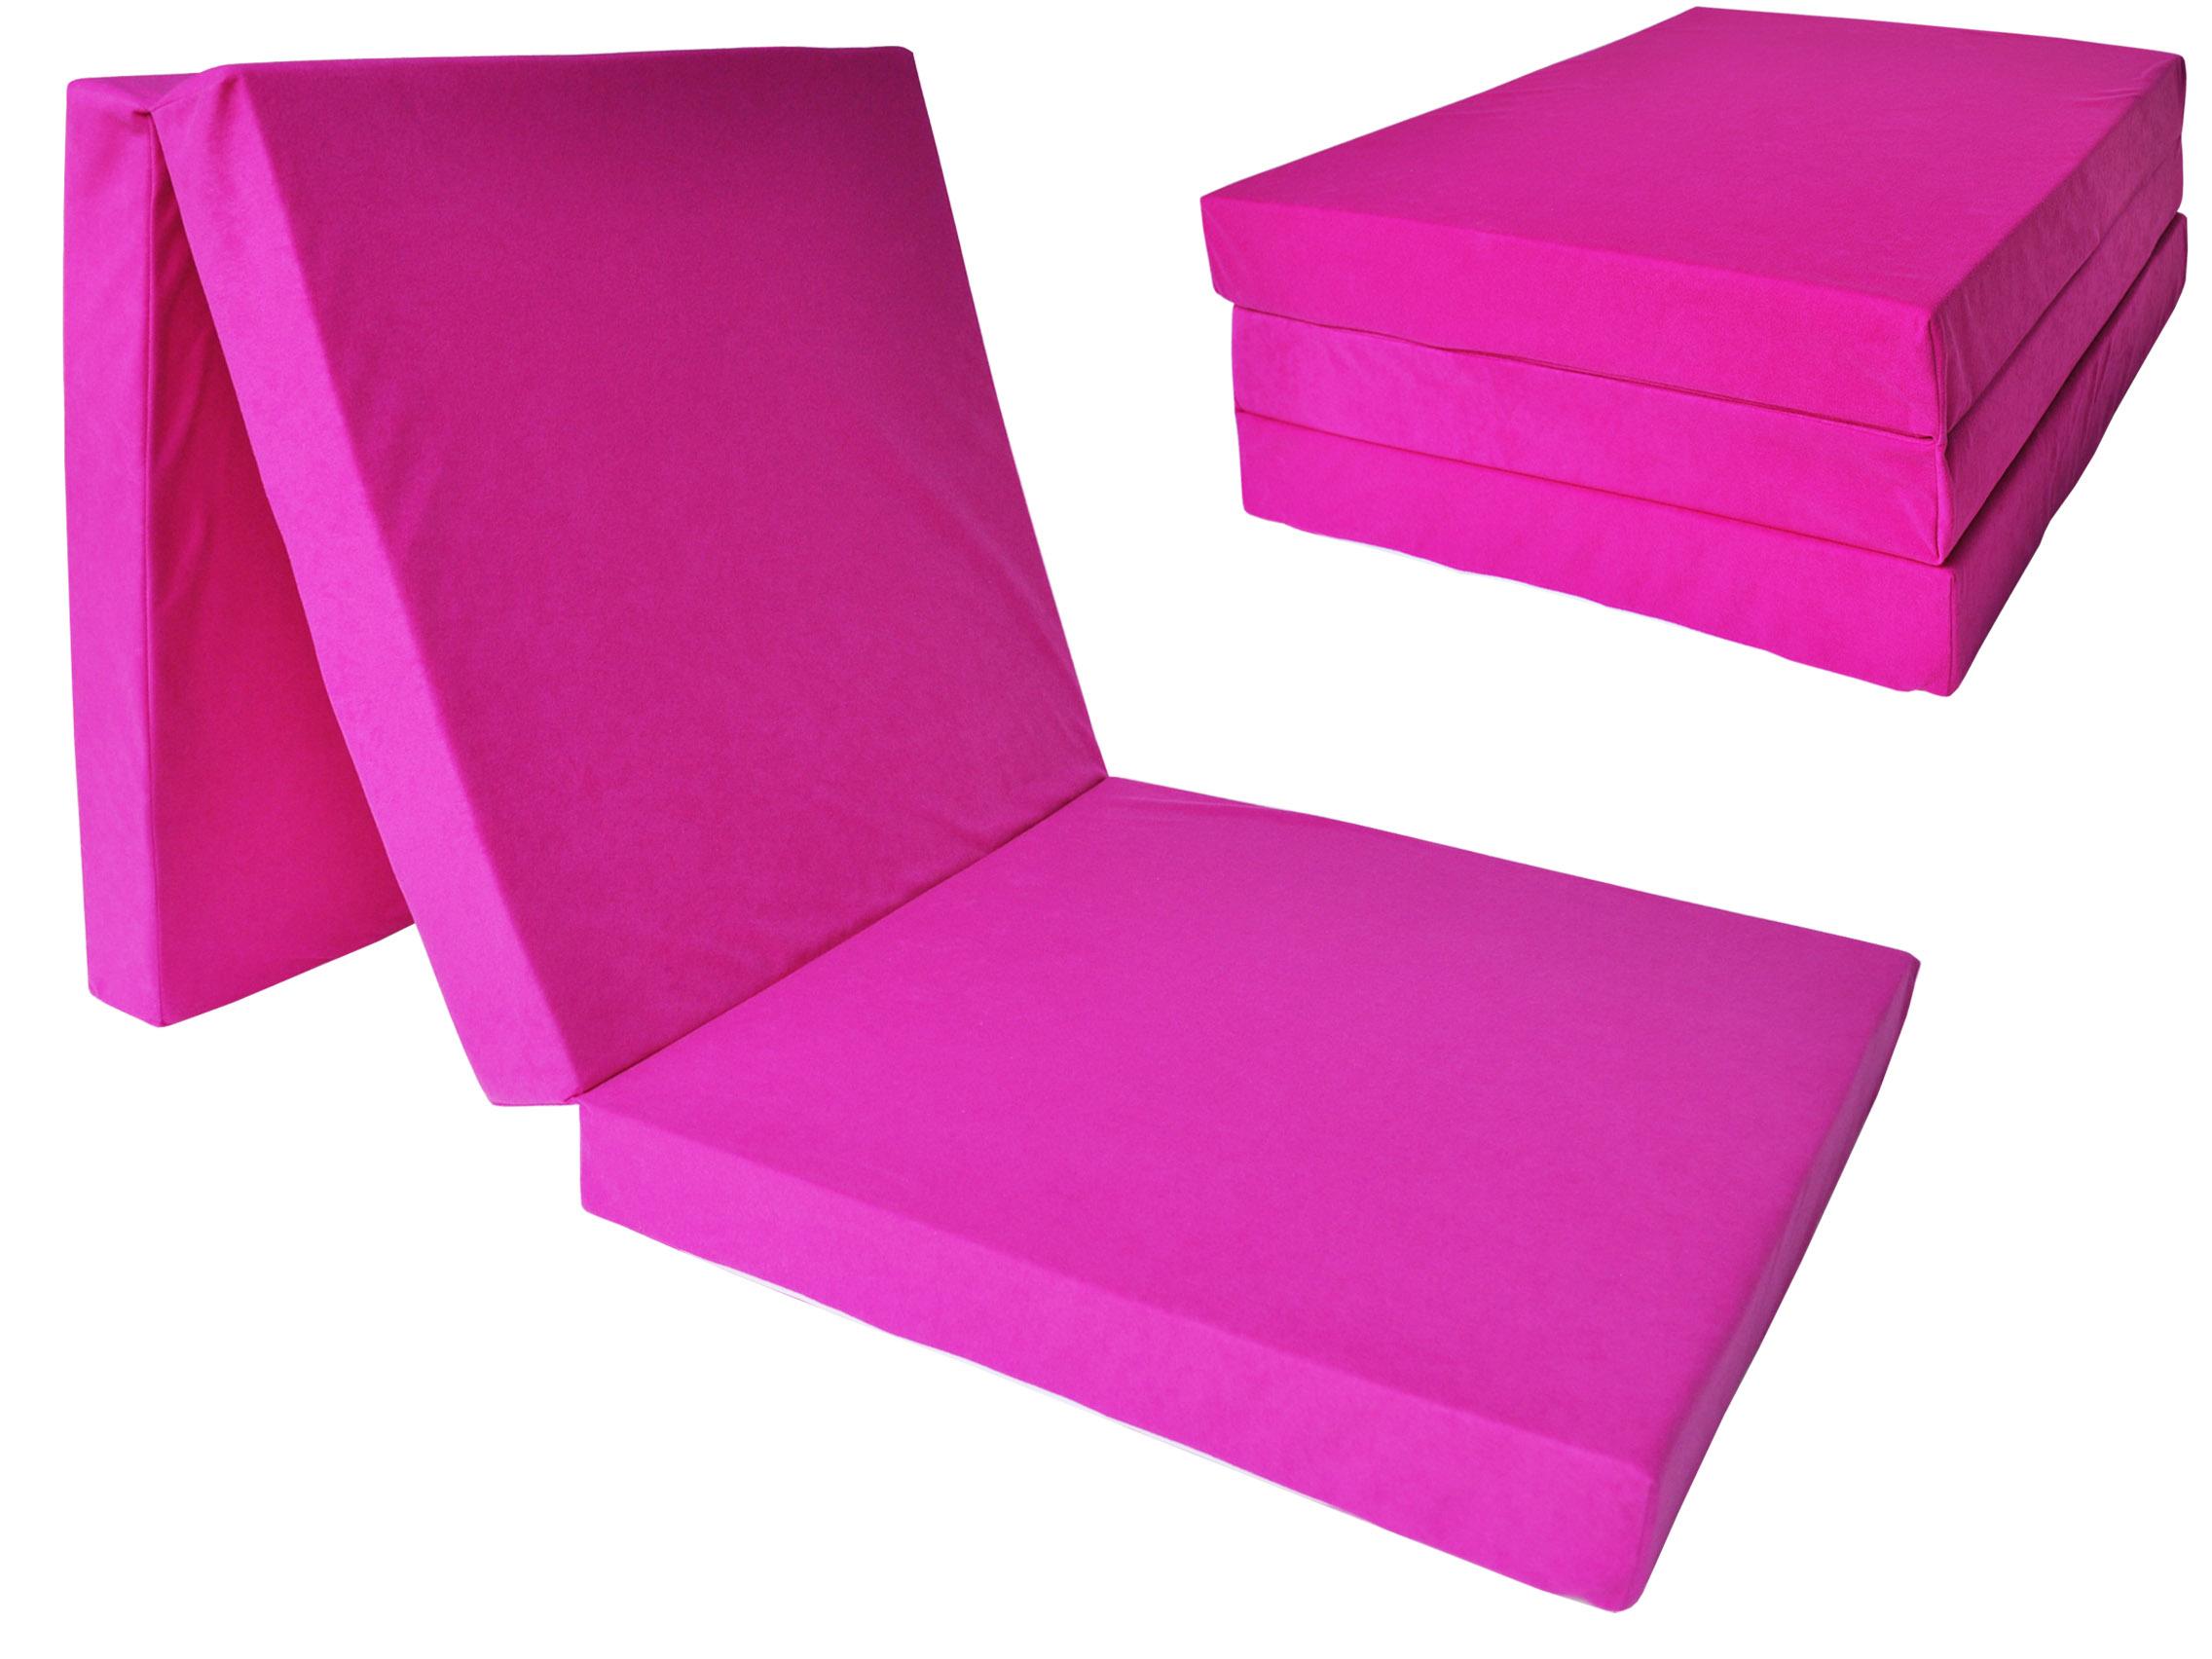 Fimex Skládací matrace pro hosty Fun růžová